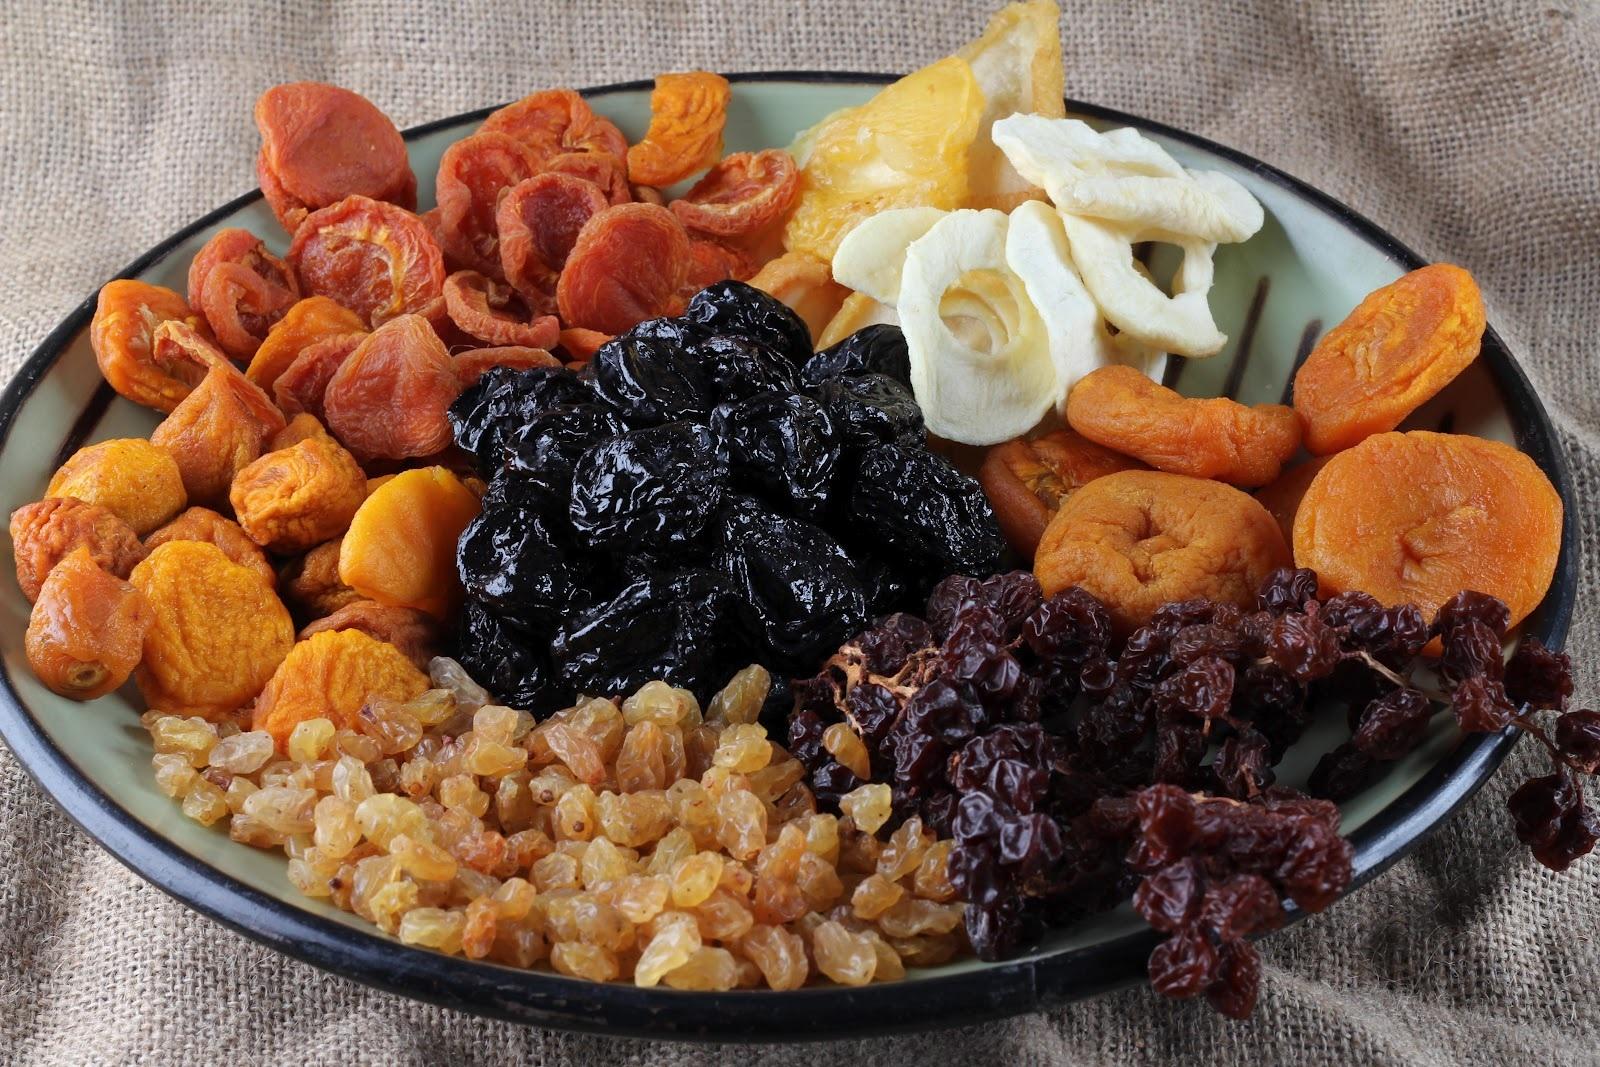 dieta de frutos secos para adelgazar